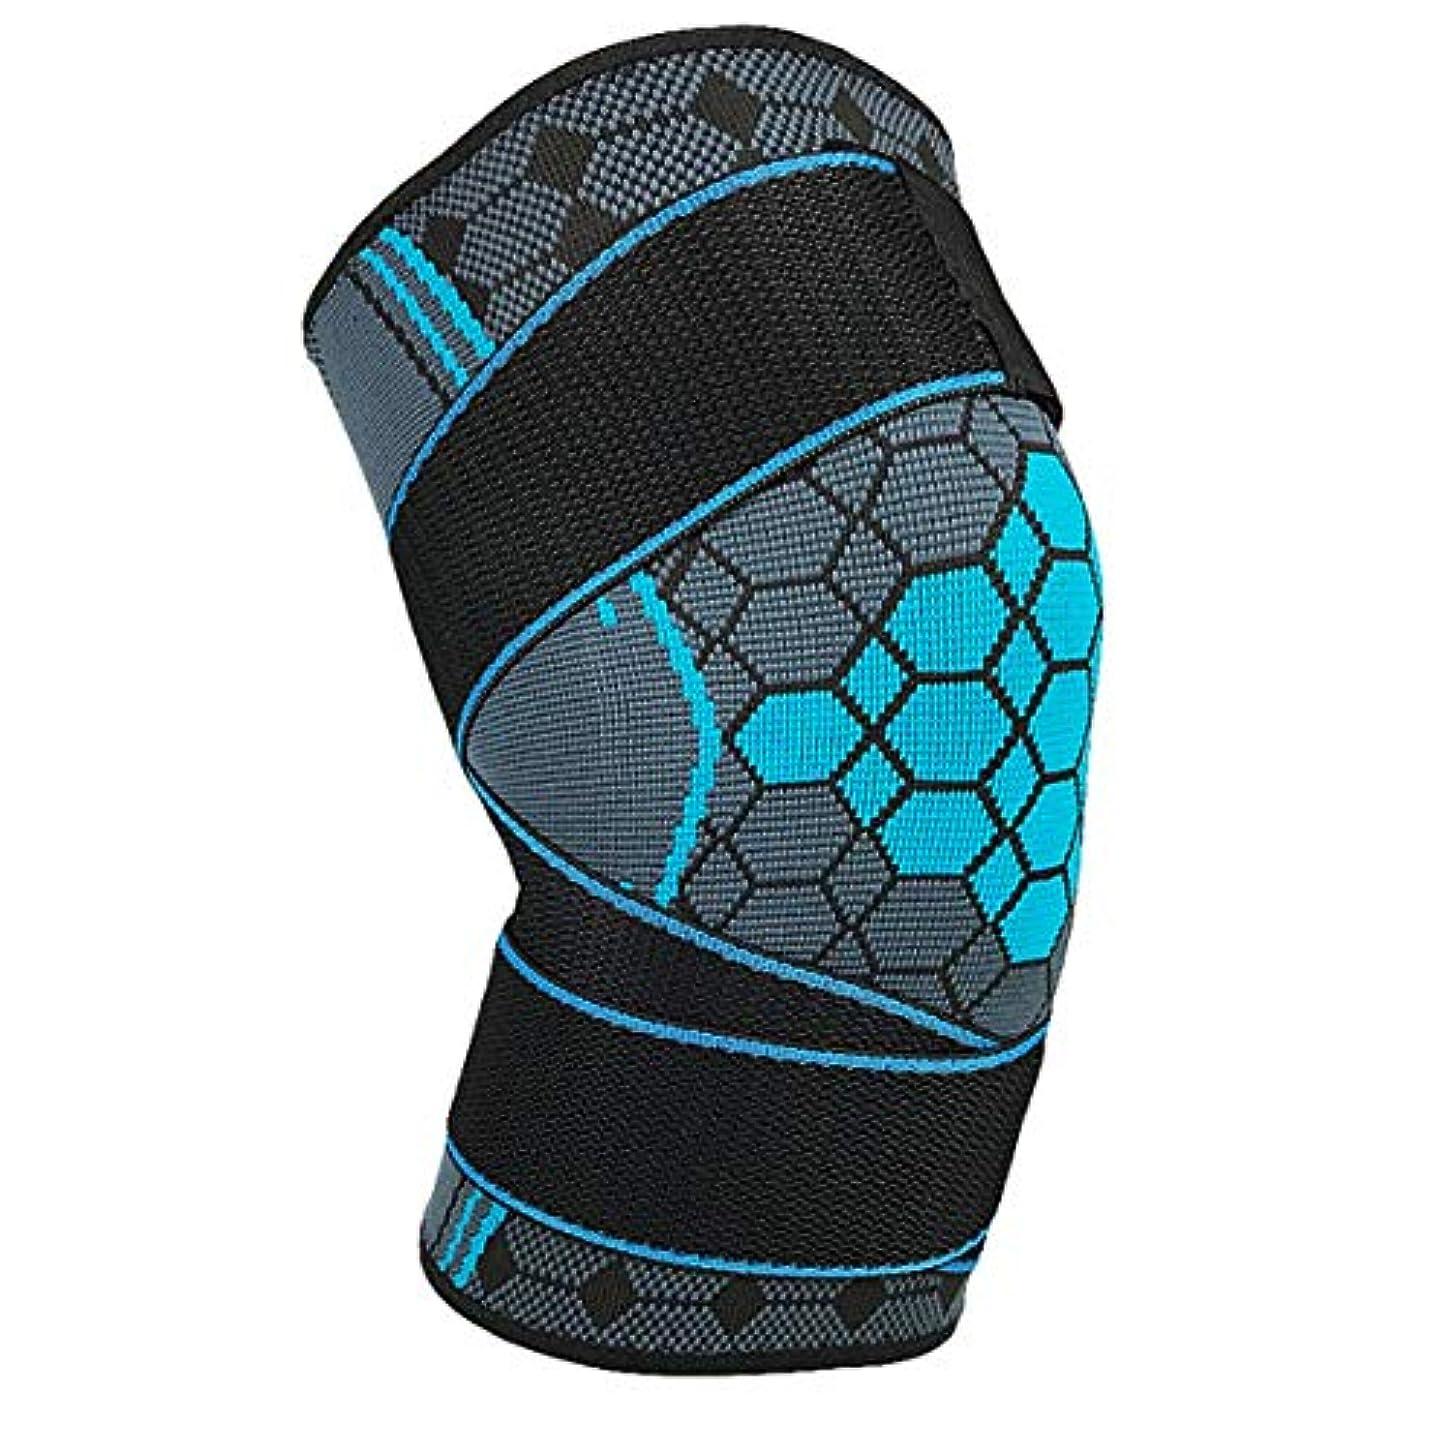 無知すべき帝国主義快適な膝パッドヨガスポーツ保護パッドバレーボール落下膝サポート安全膝パッド耐久性膝ブレース-ブルーL